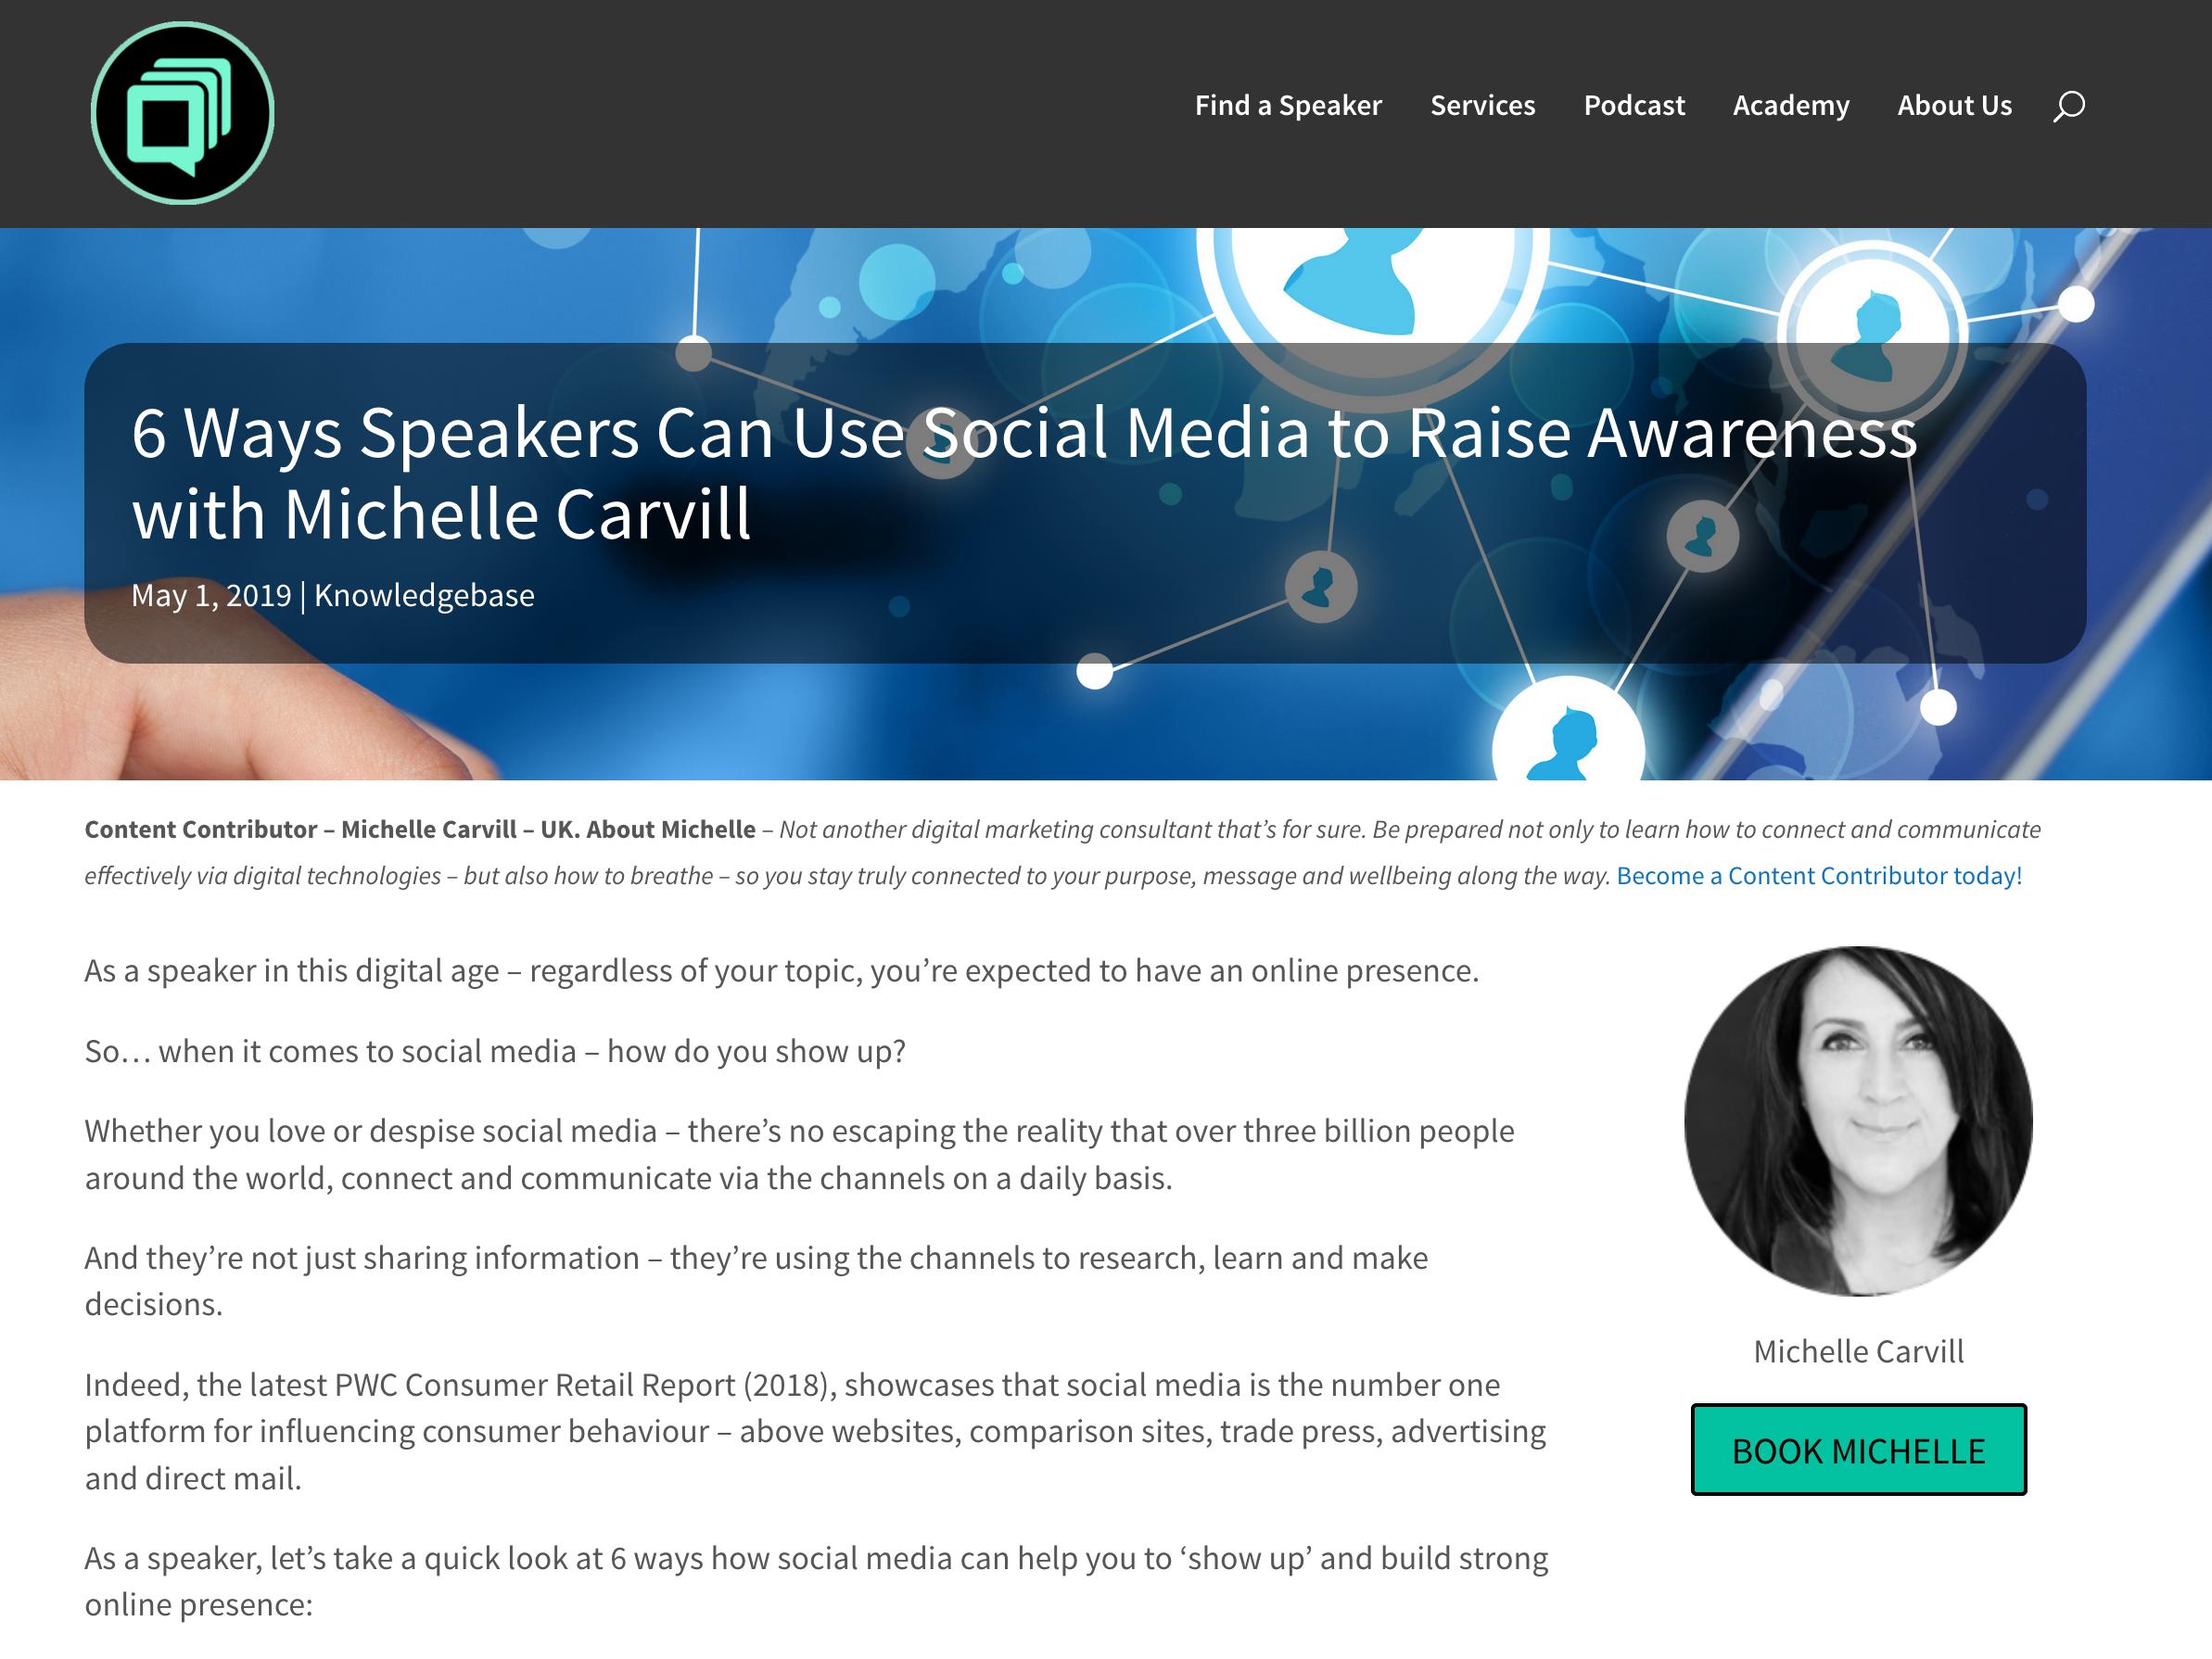 Press — Michelle Carvill